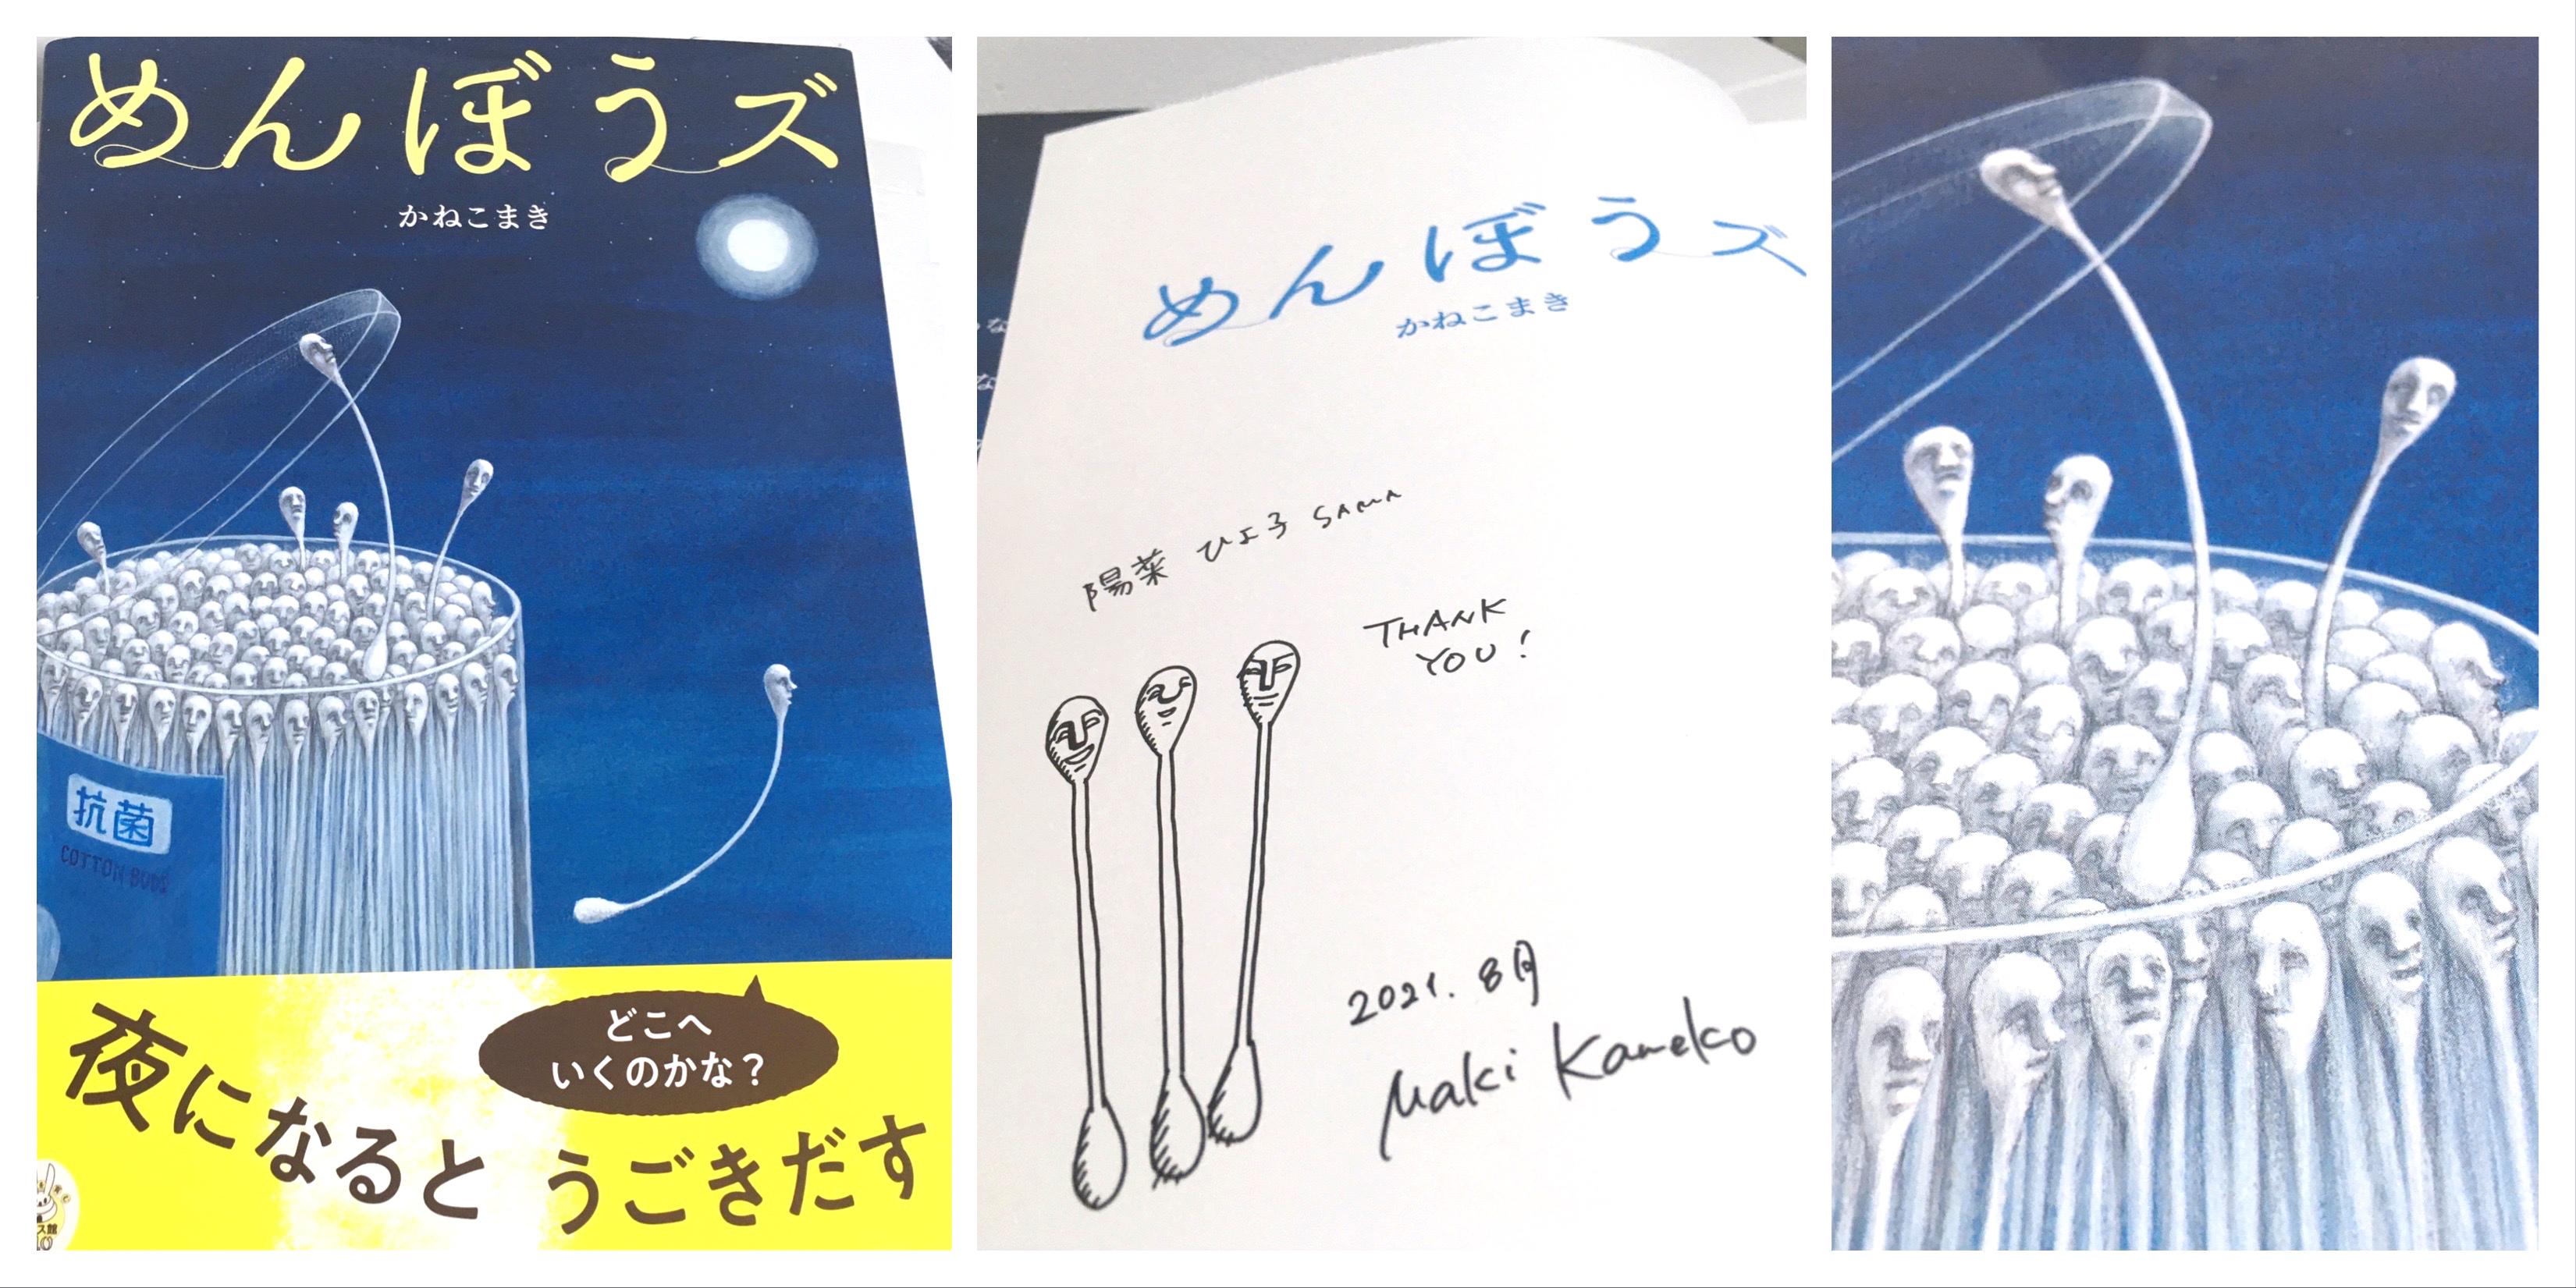 210814_menbouzu_maki-kaneko01.jpg